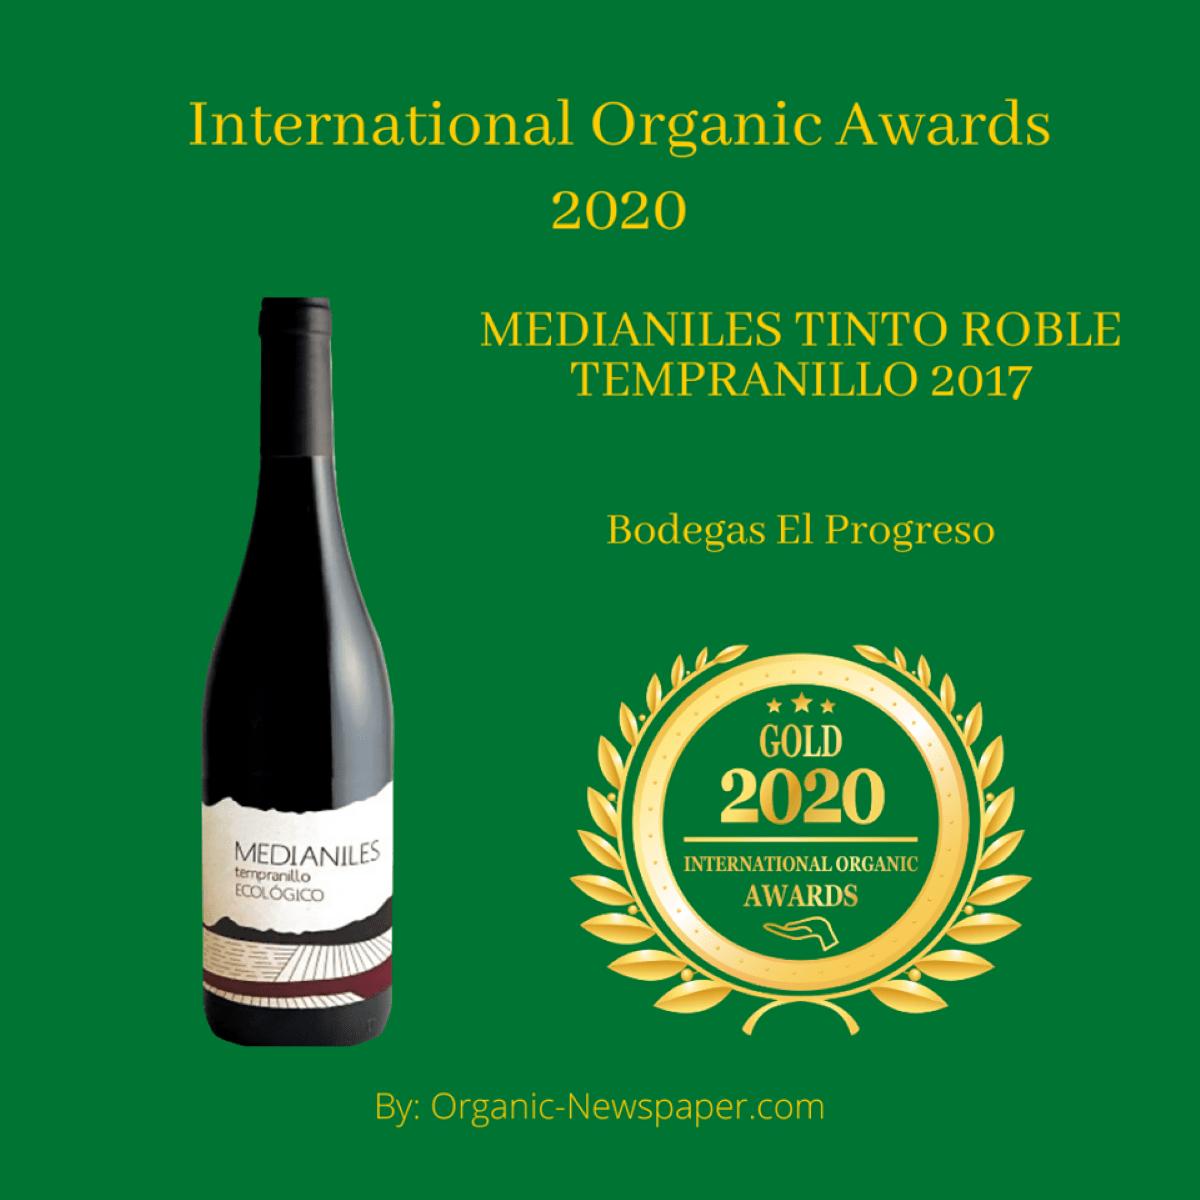 premios a los vinos ecologicos y veganos de el progreso